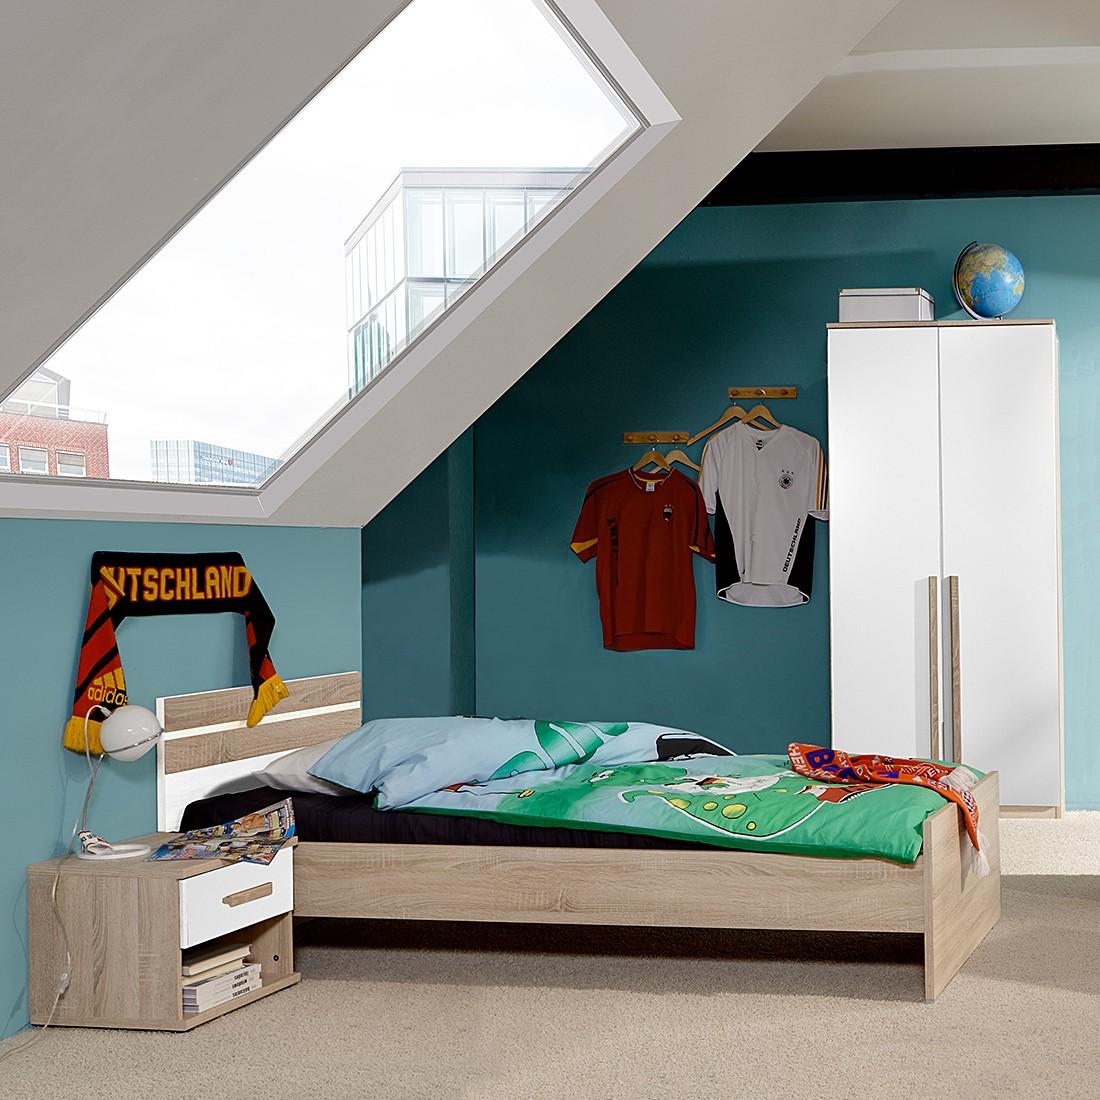 Kinderzimmer online g nstig kaufen ber shop24 - Home24 nachttisch ...